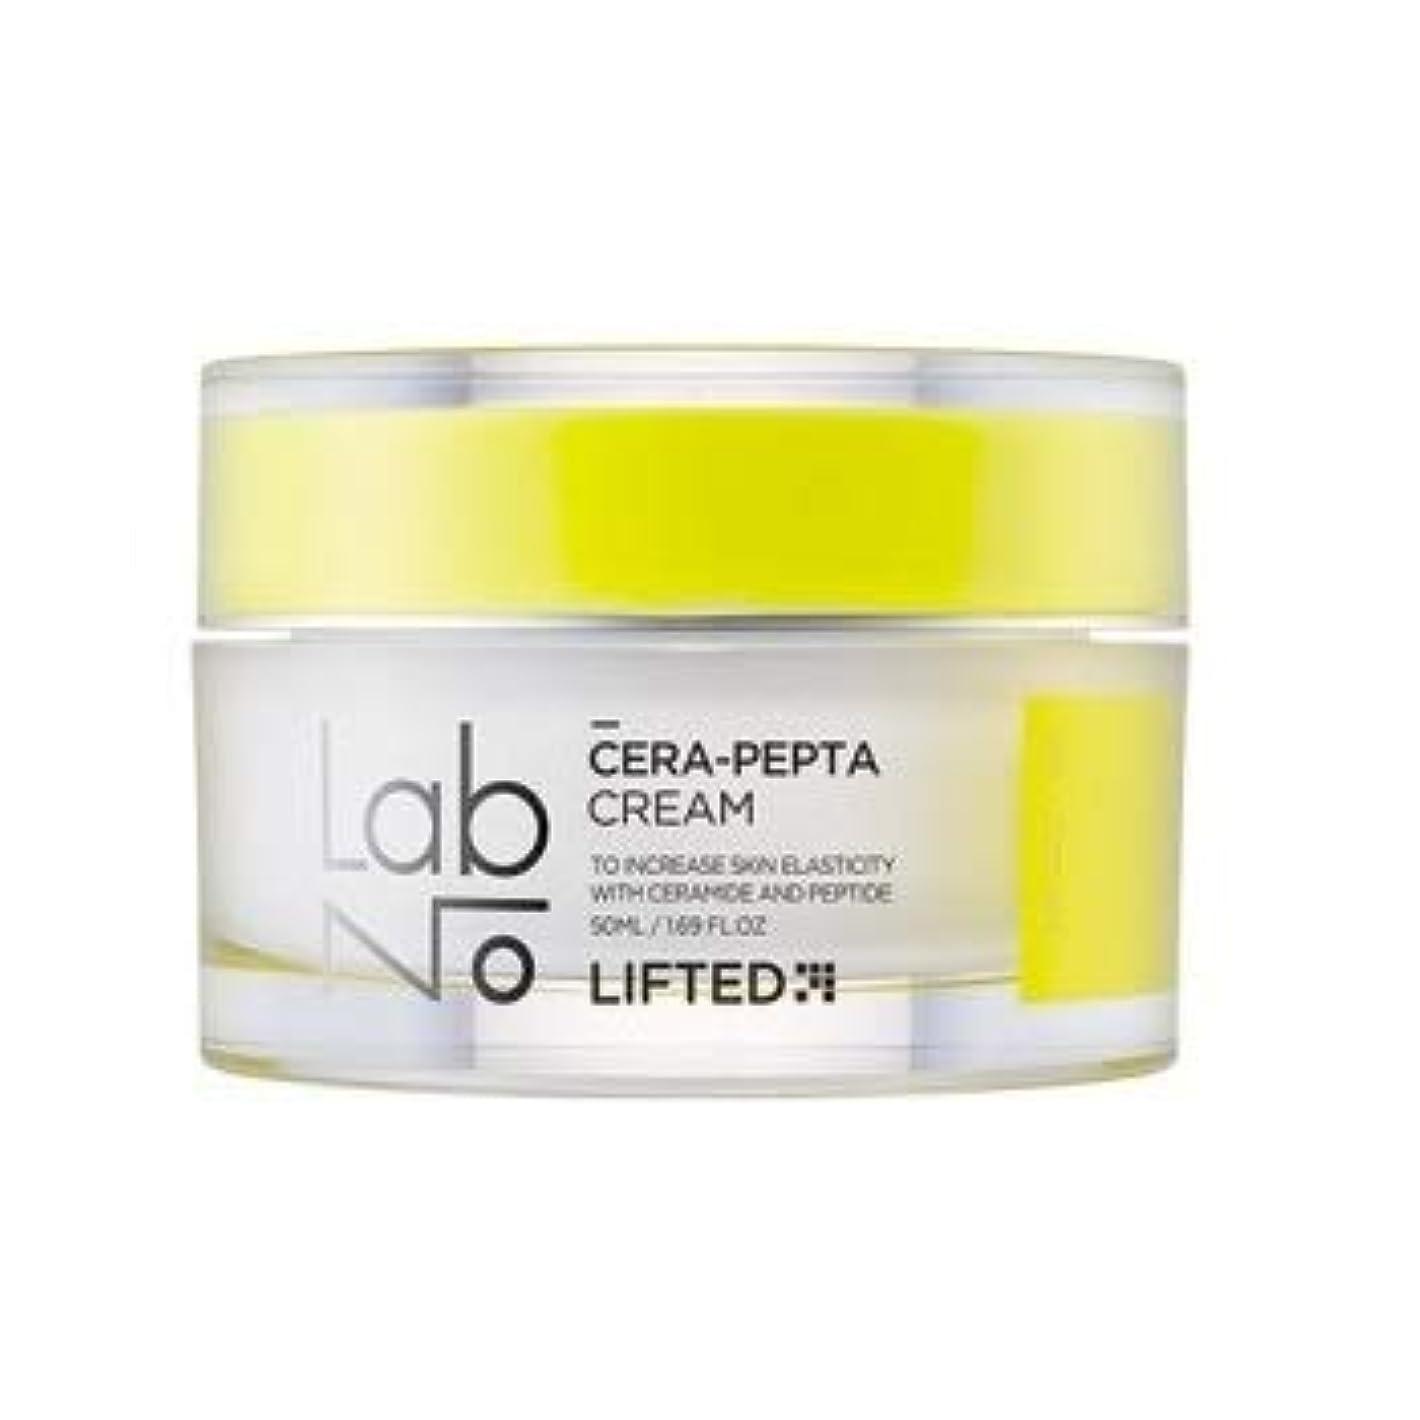 共役バンブレンドLabNo リフテッド セラ-ペプタ クリーム / Lifted Sera-Pepta Cream (50ml) [並行輸入品]